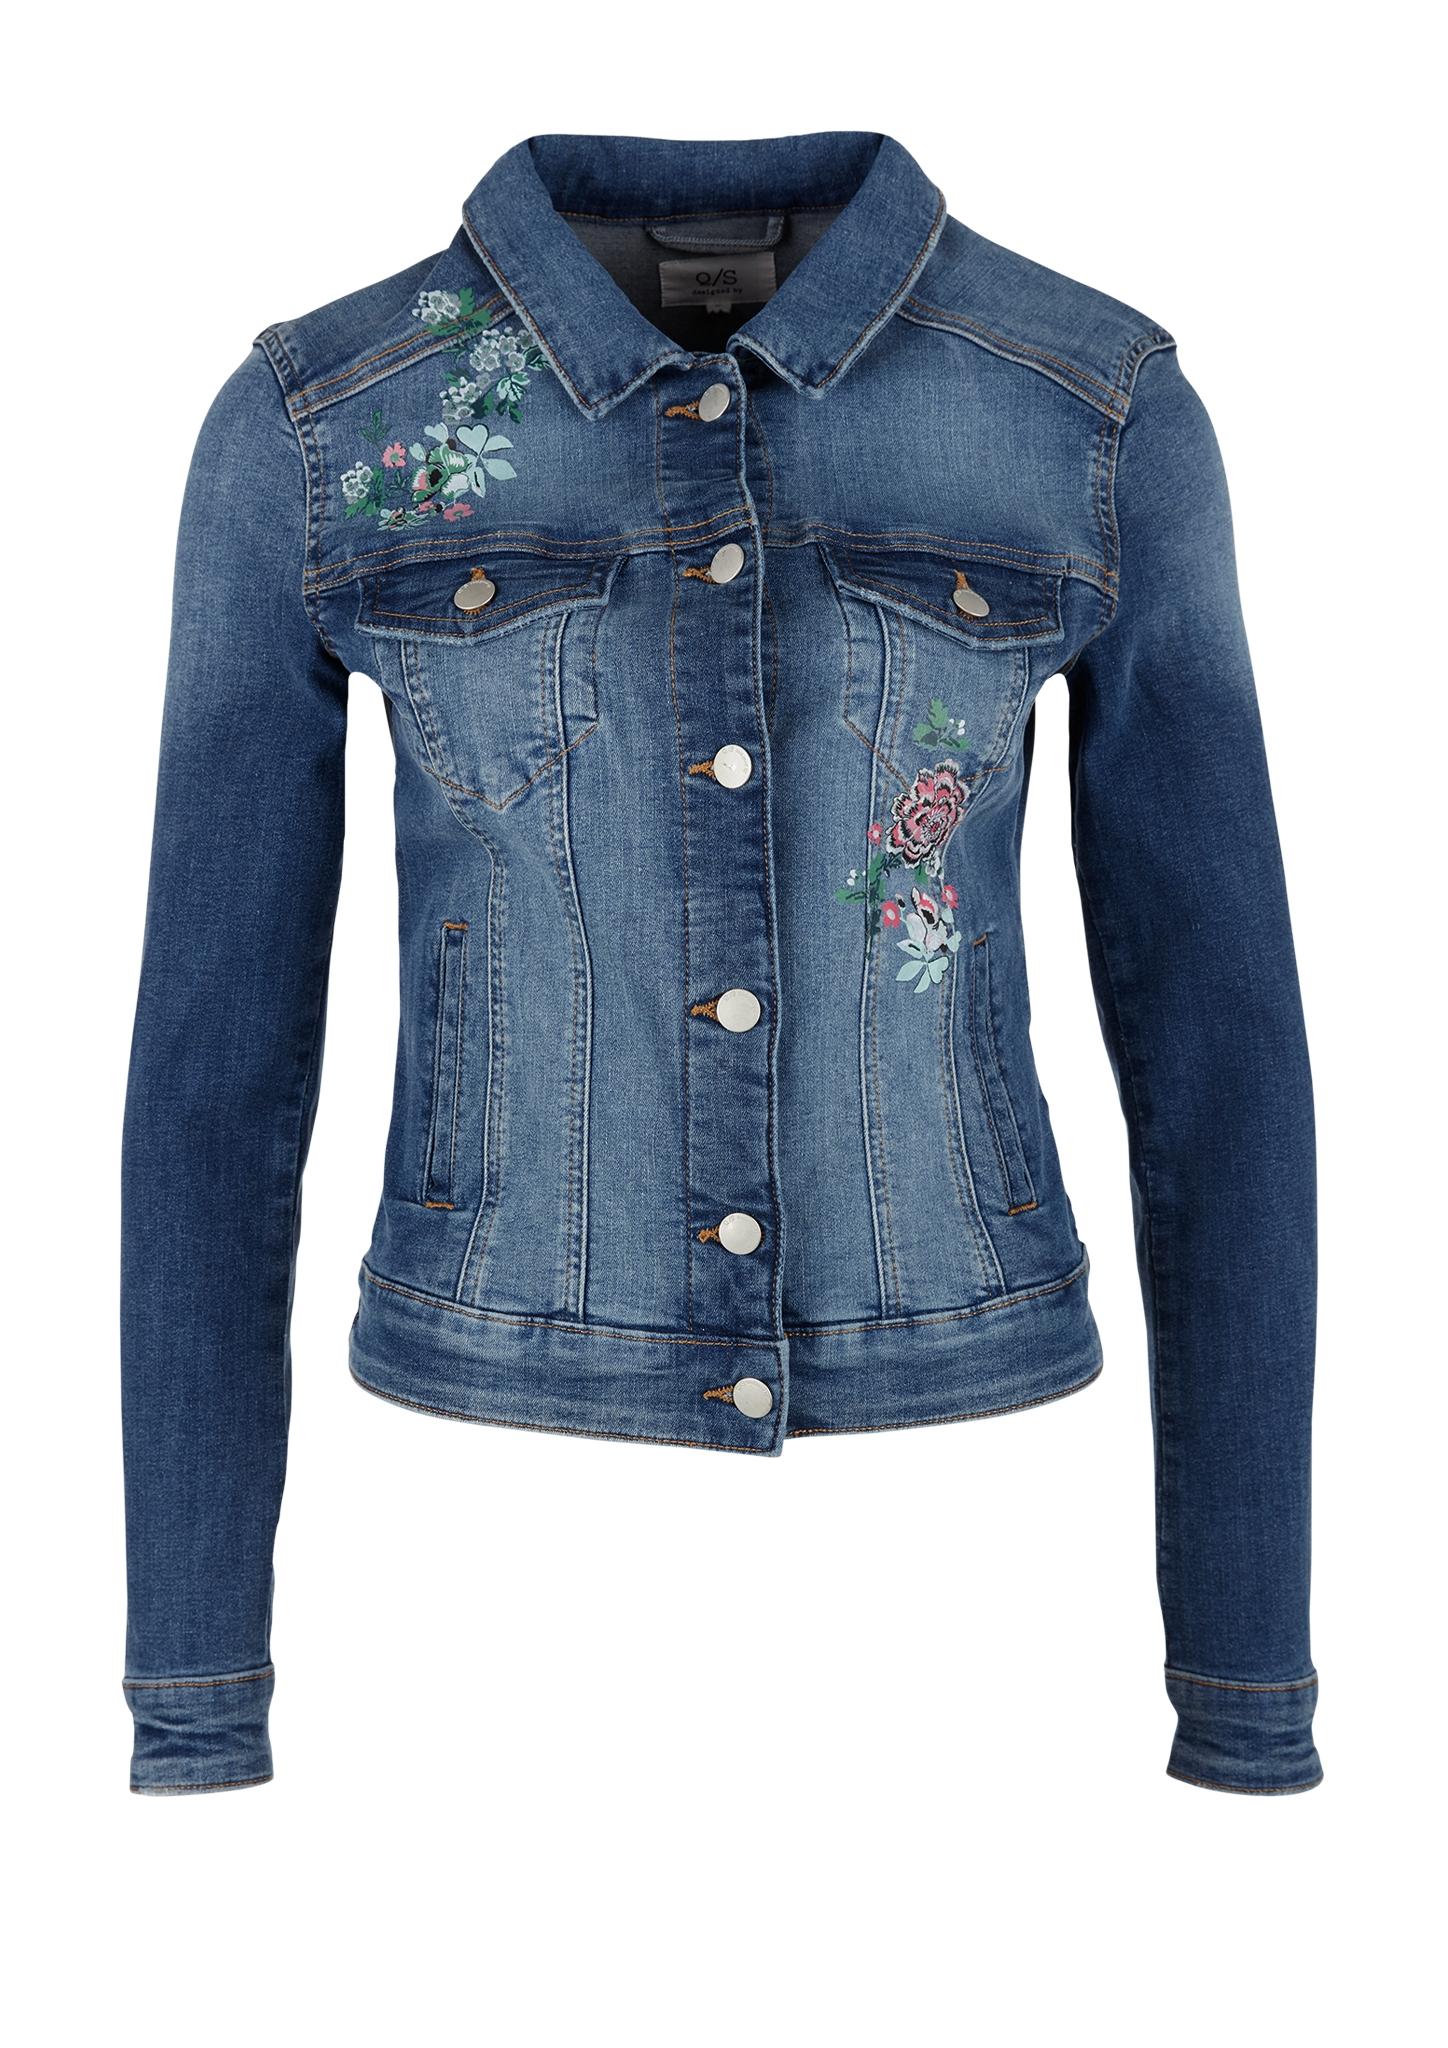 Jeansjacke | Bekleidung > Jacken > Jeansjacken | Blau | 82% baumwolle -  16% polyester -  2% elasthan | Q/S designed by